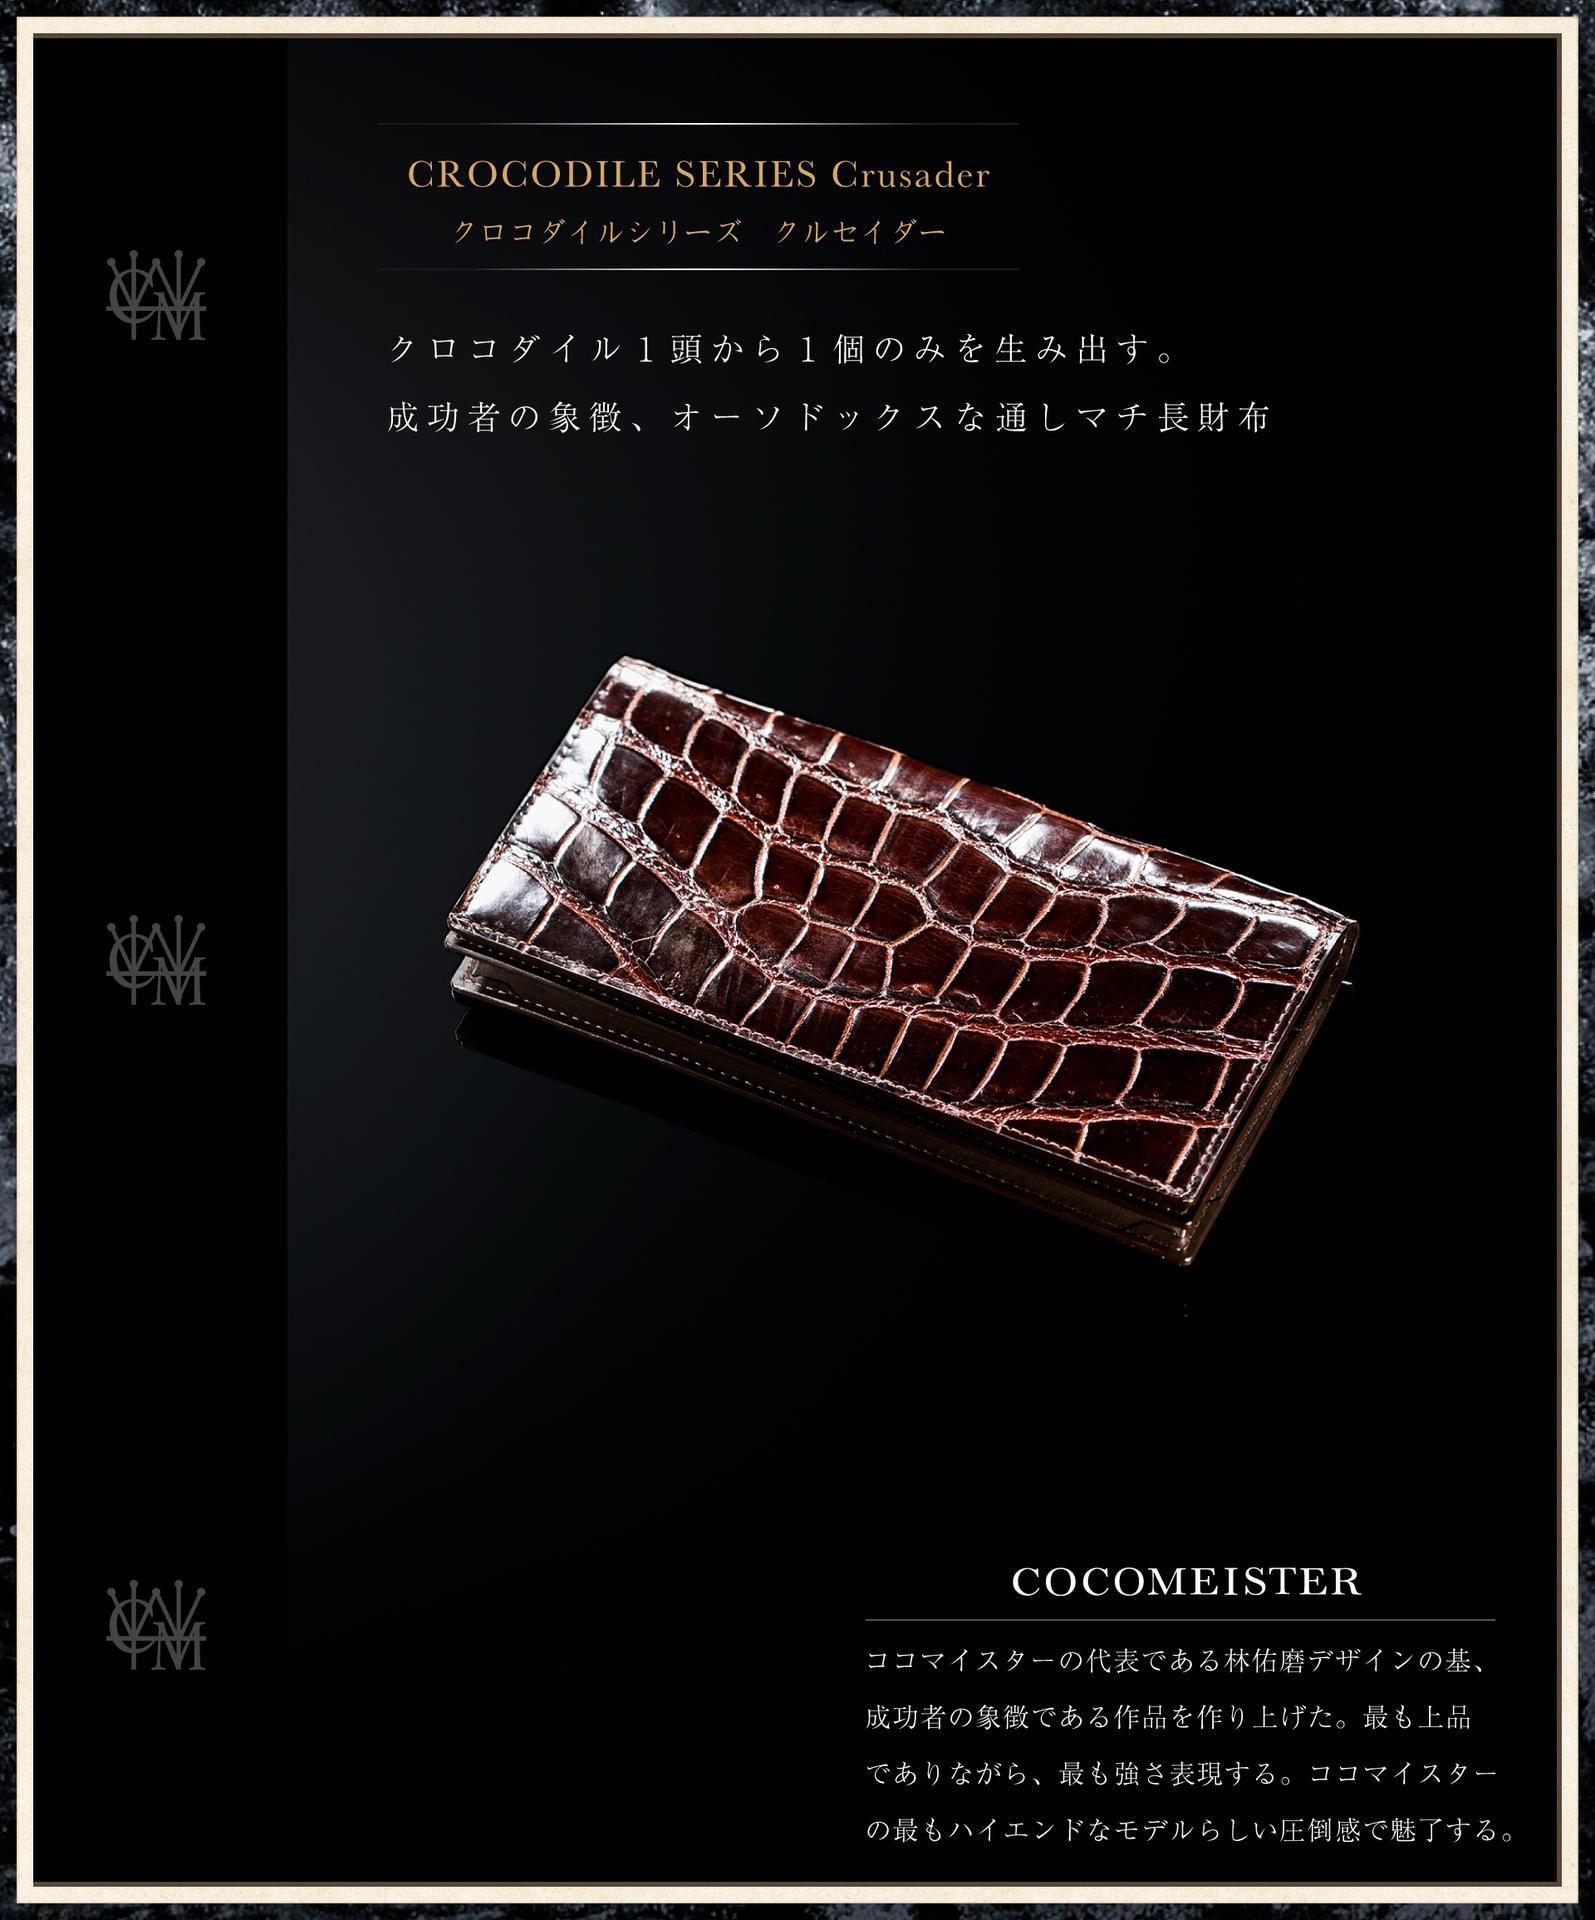 クロコダイル・クルセイダー